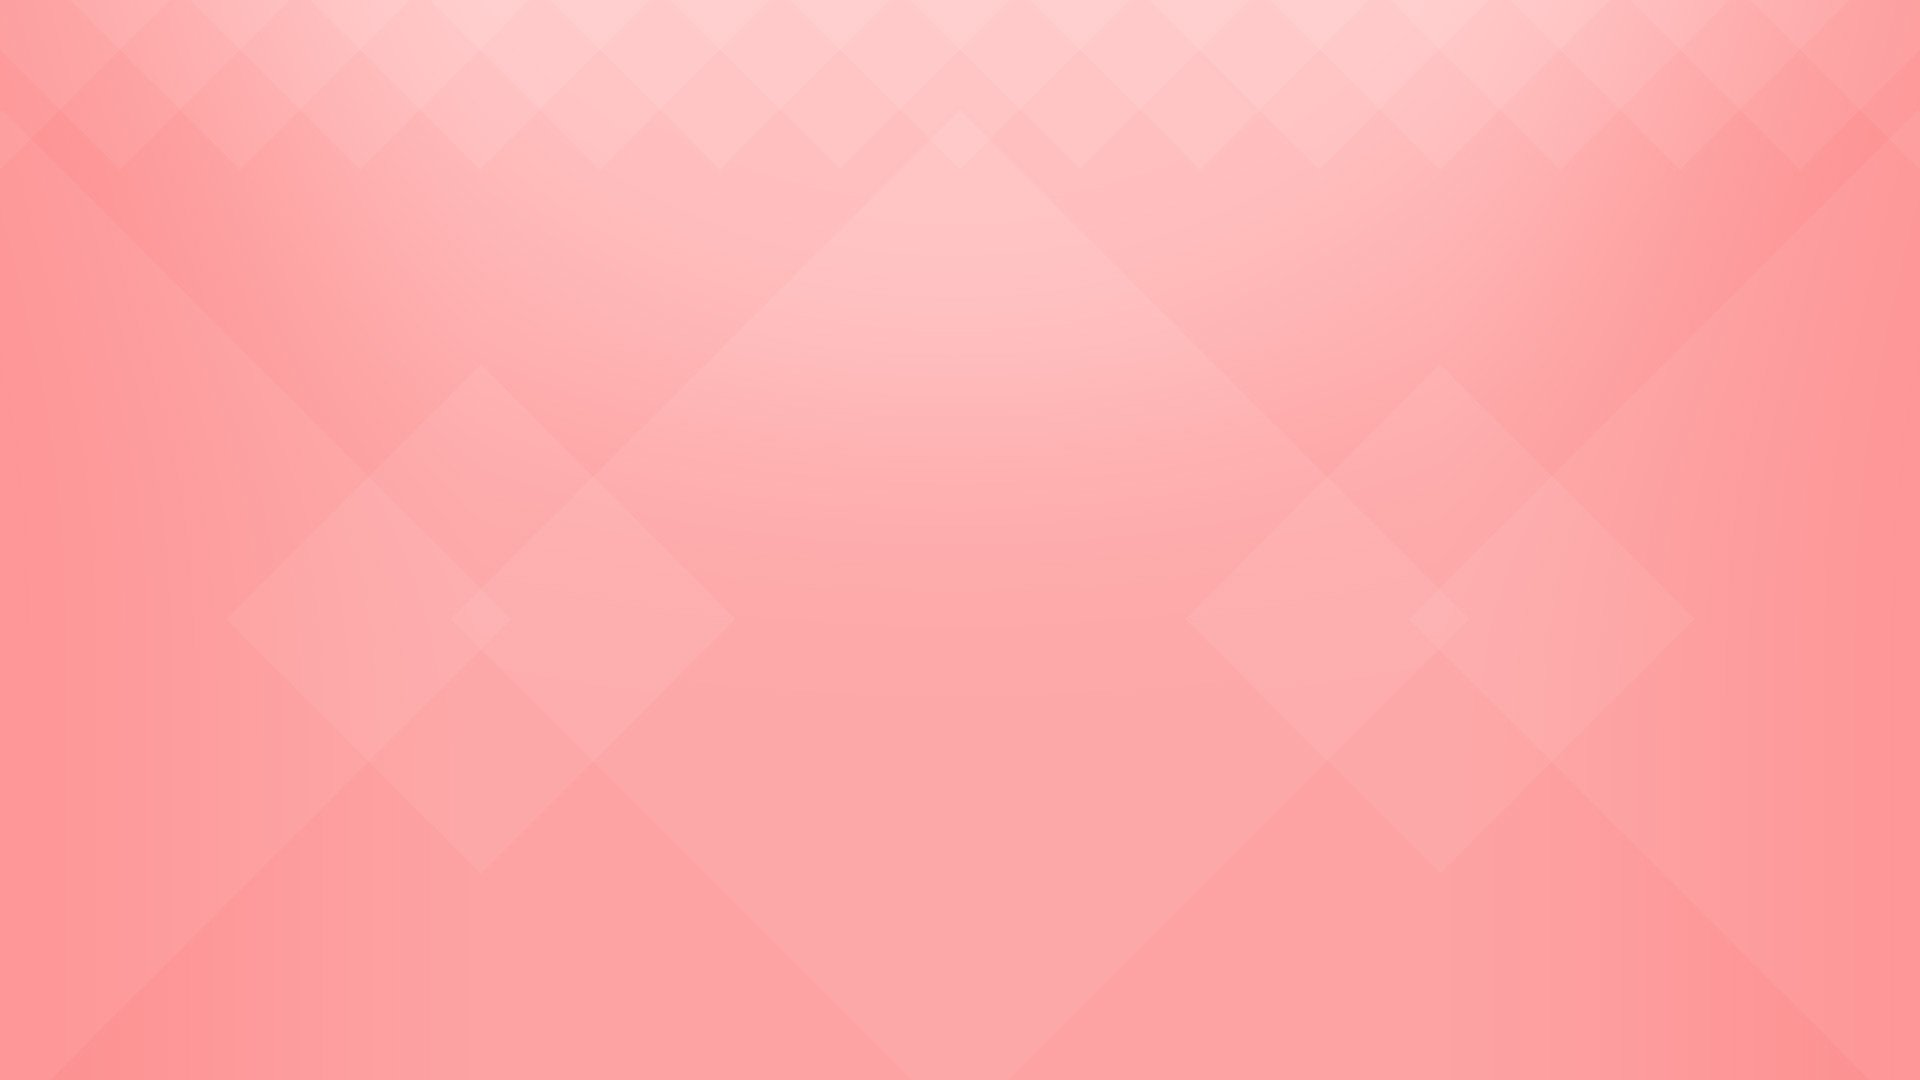 Coral Pink Wallpaper - WallpaperSafari